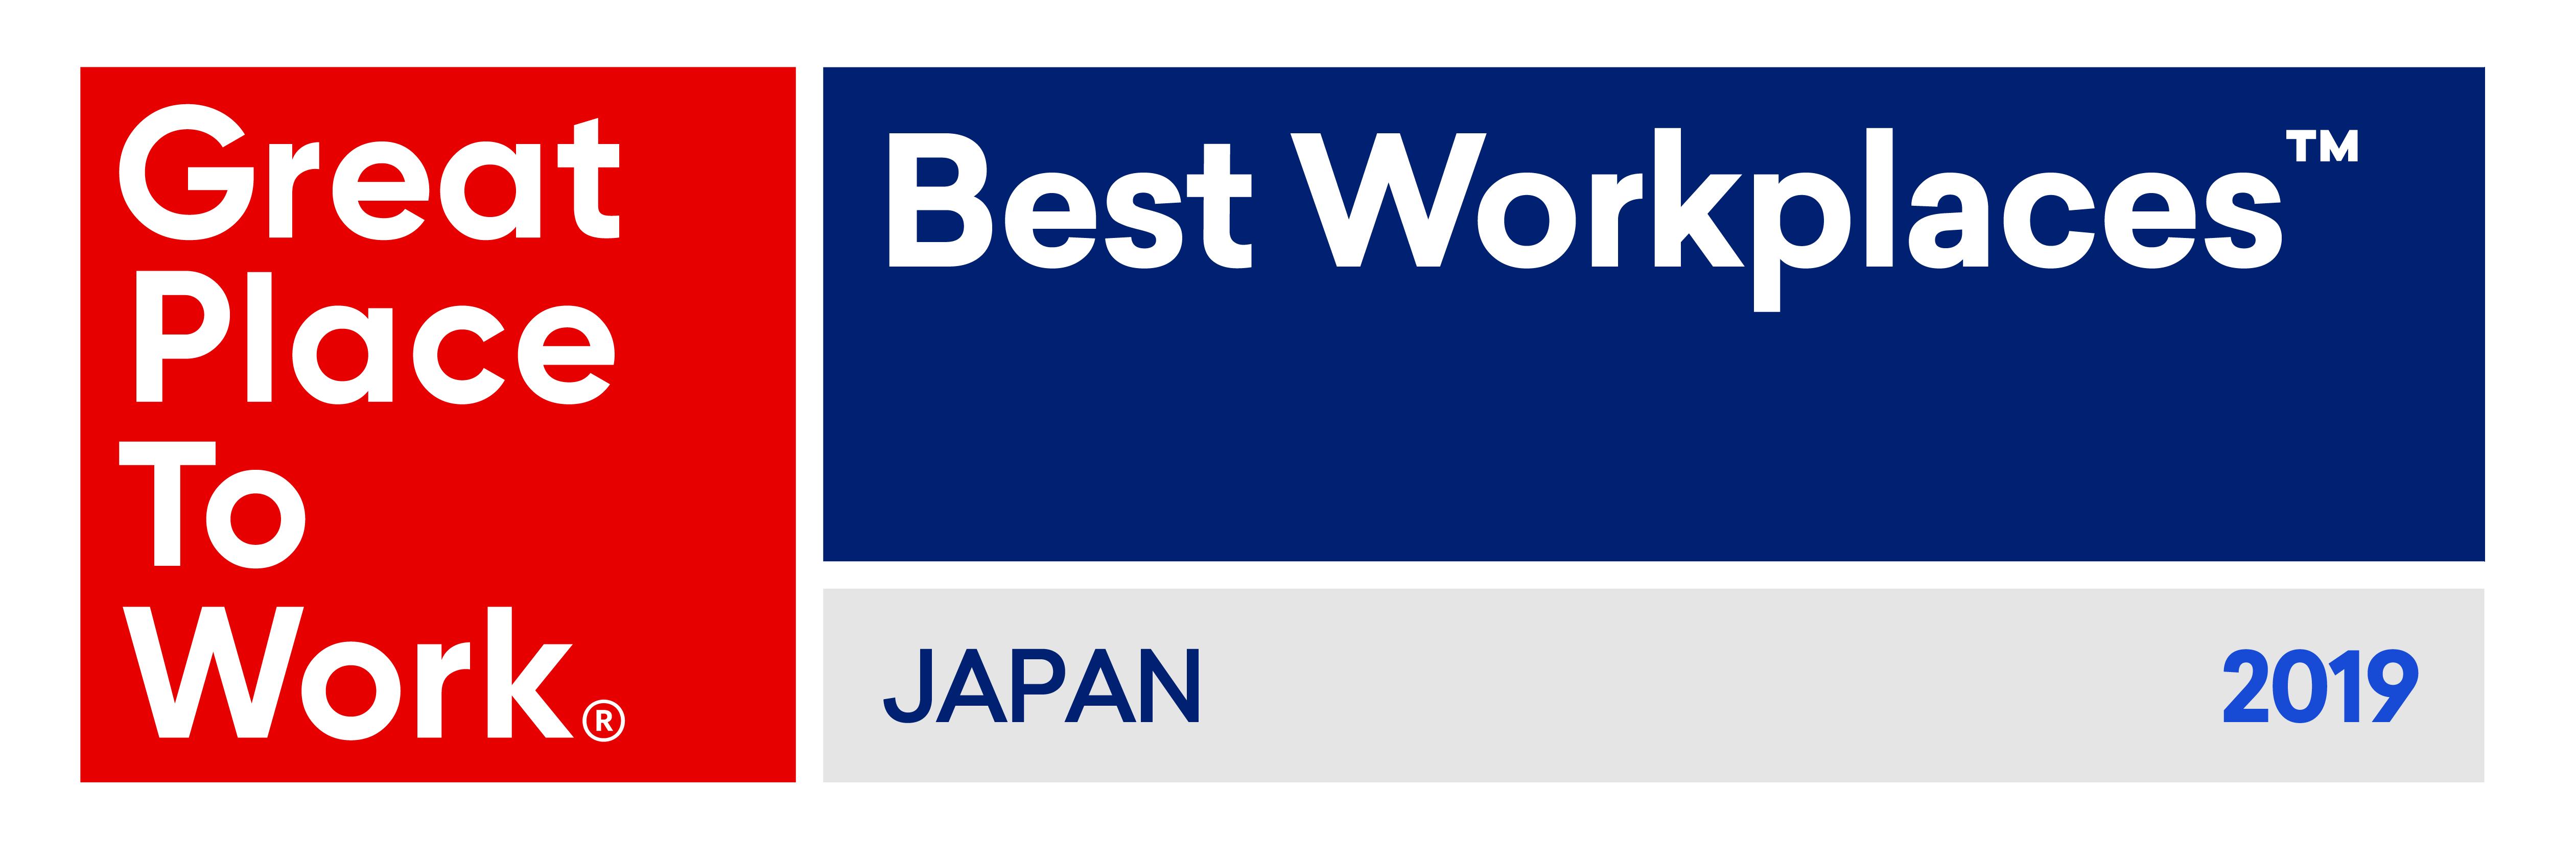 サーバーワークス、2019年版「働きがいのある会社」ランキングに2年連続で選出